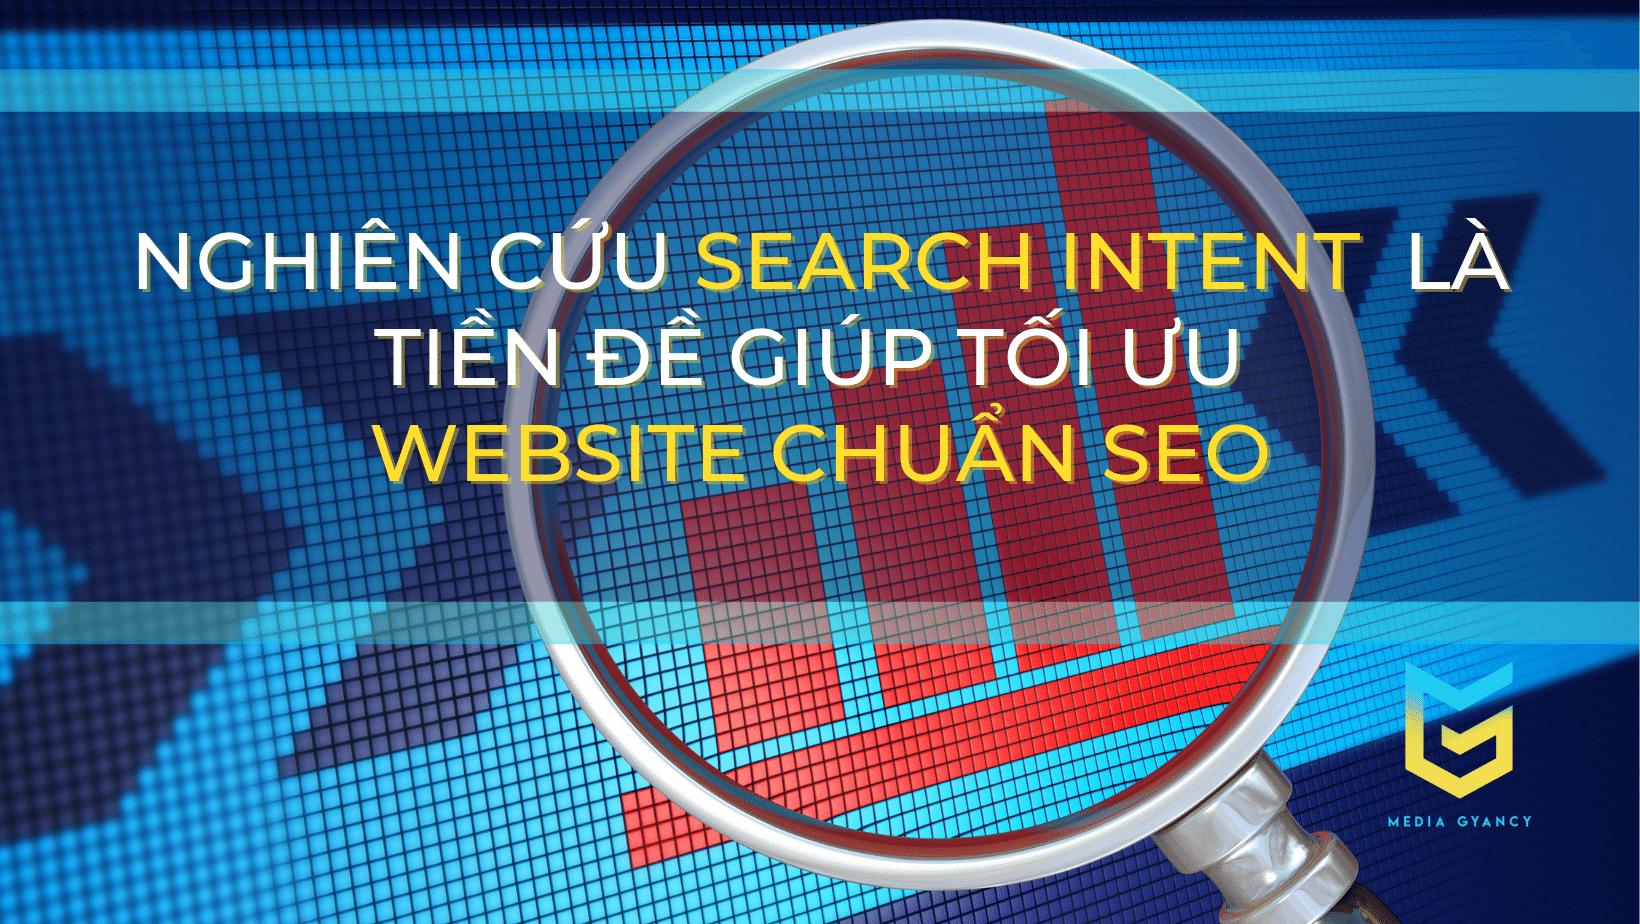 nghiên cứu search intent cho website chuẩn seo